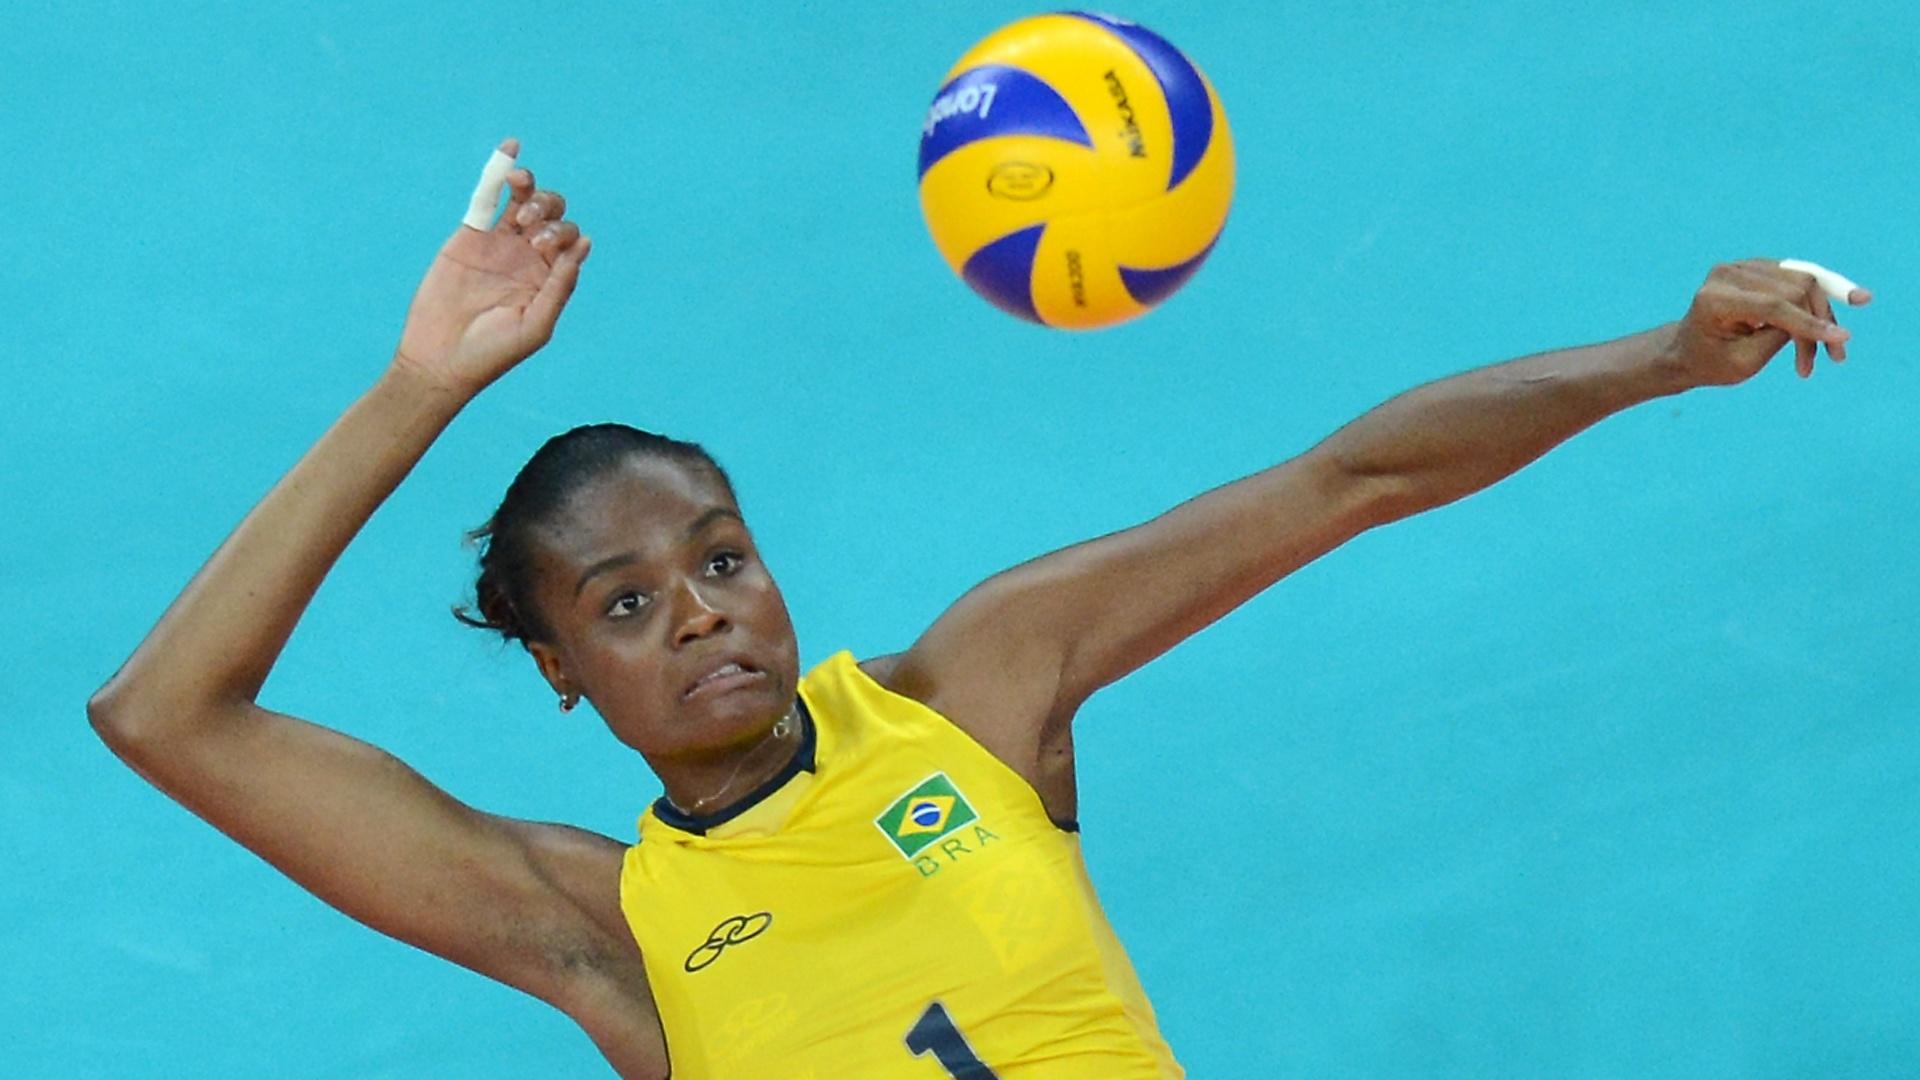 03.ago.2012 - Fabiana ataca em jogo da seleção brasileira contra a China pela Olimpíada de Londres